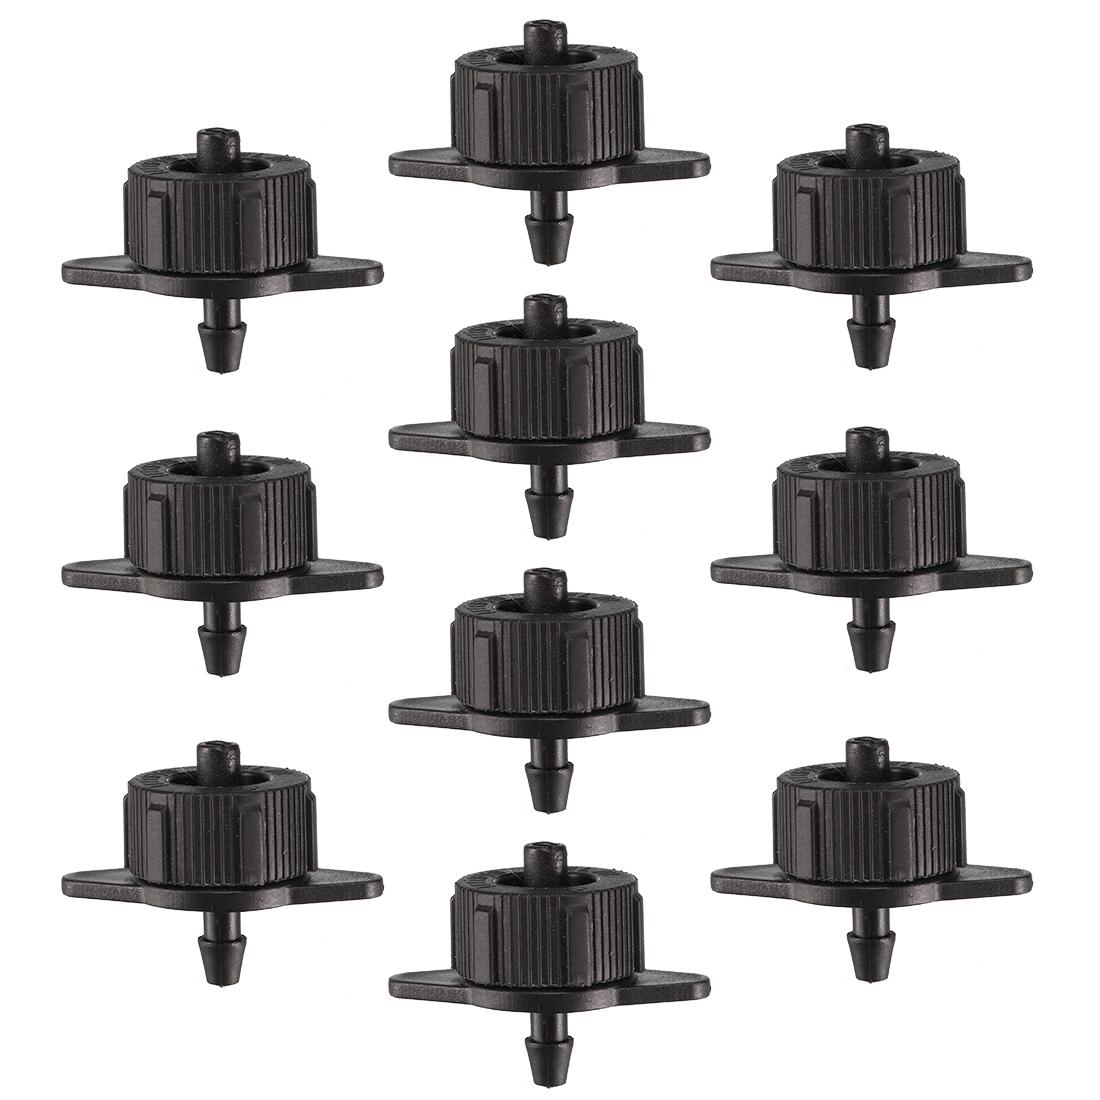 50x Pressure Compensating Dripper 1GPH 4L/H Emitter Garden Drip Irrigation Black